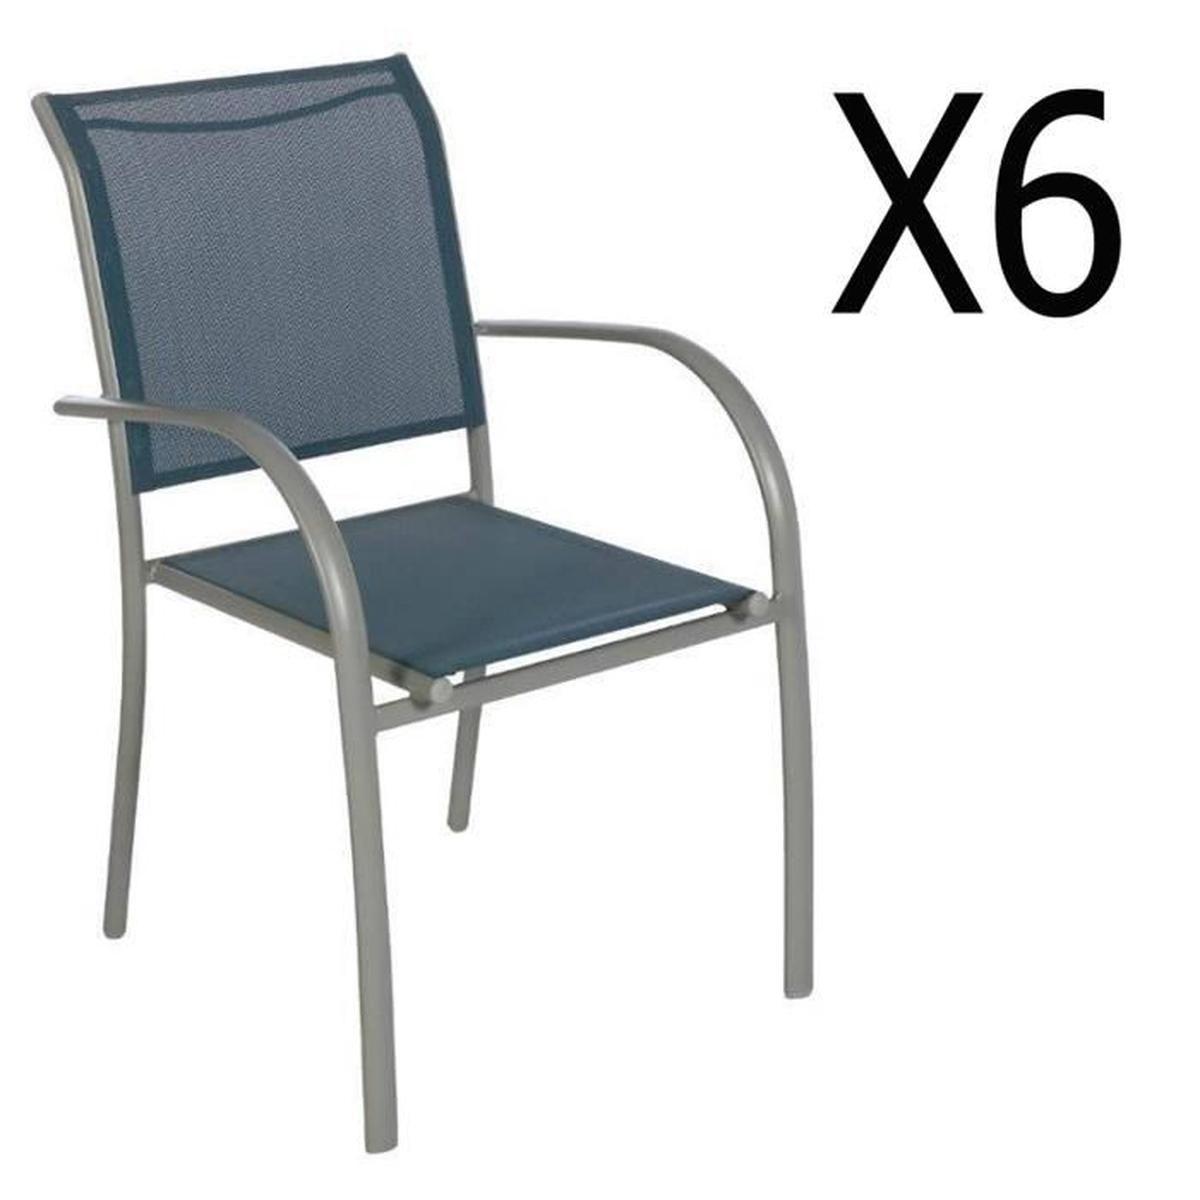 Lot De 6 Chaises De Jardin En Aluminium Et Texaline Coloris Bleu Orage -  Dim : L 56 X P 65 X H 88Cm tout Chaise De Jardin Bleu